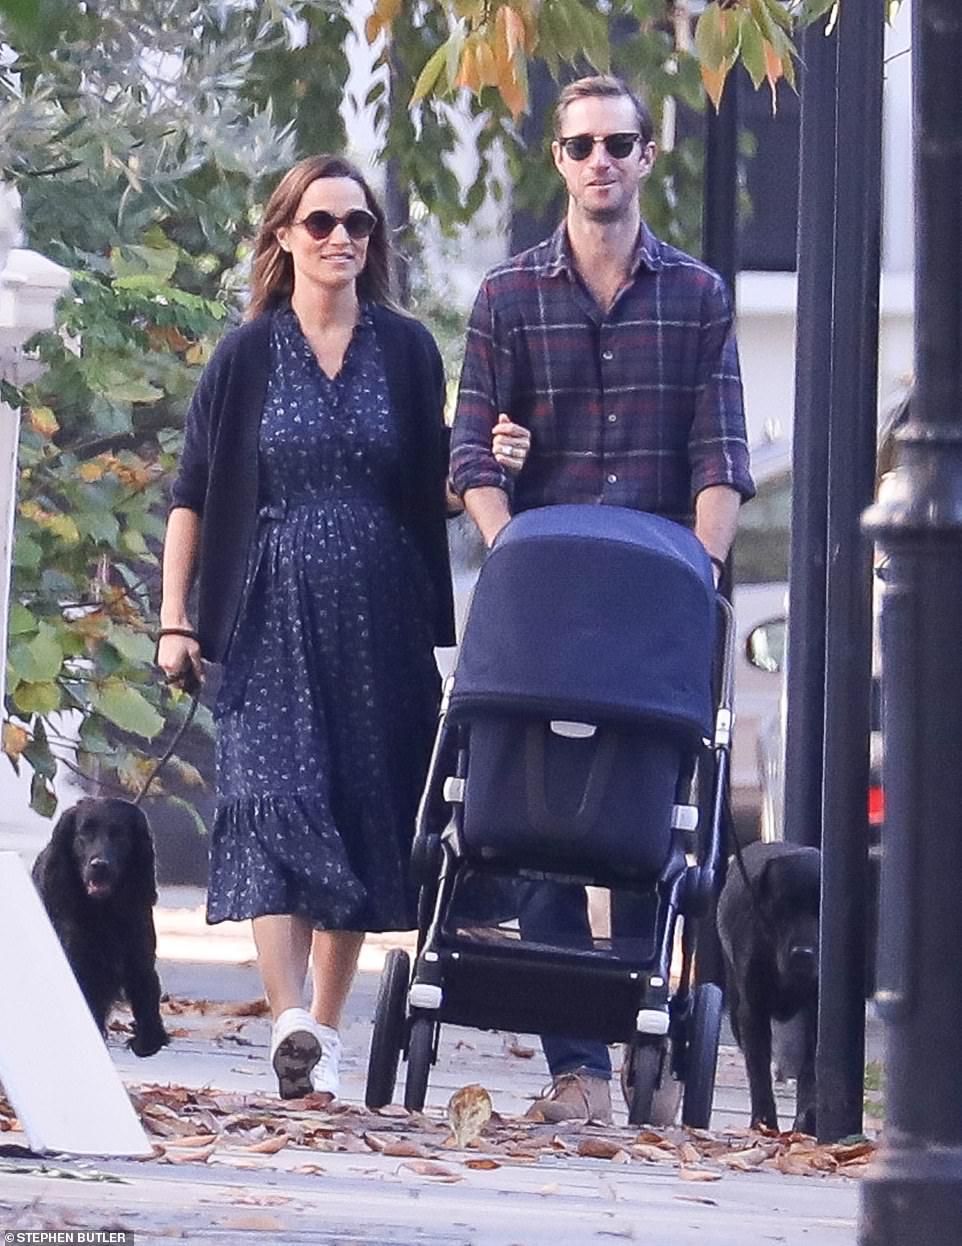 Пиппа Миддлтон вышла на прогулку с сыном через 6 дней после родов — фото